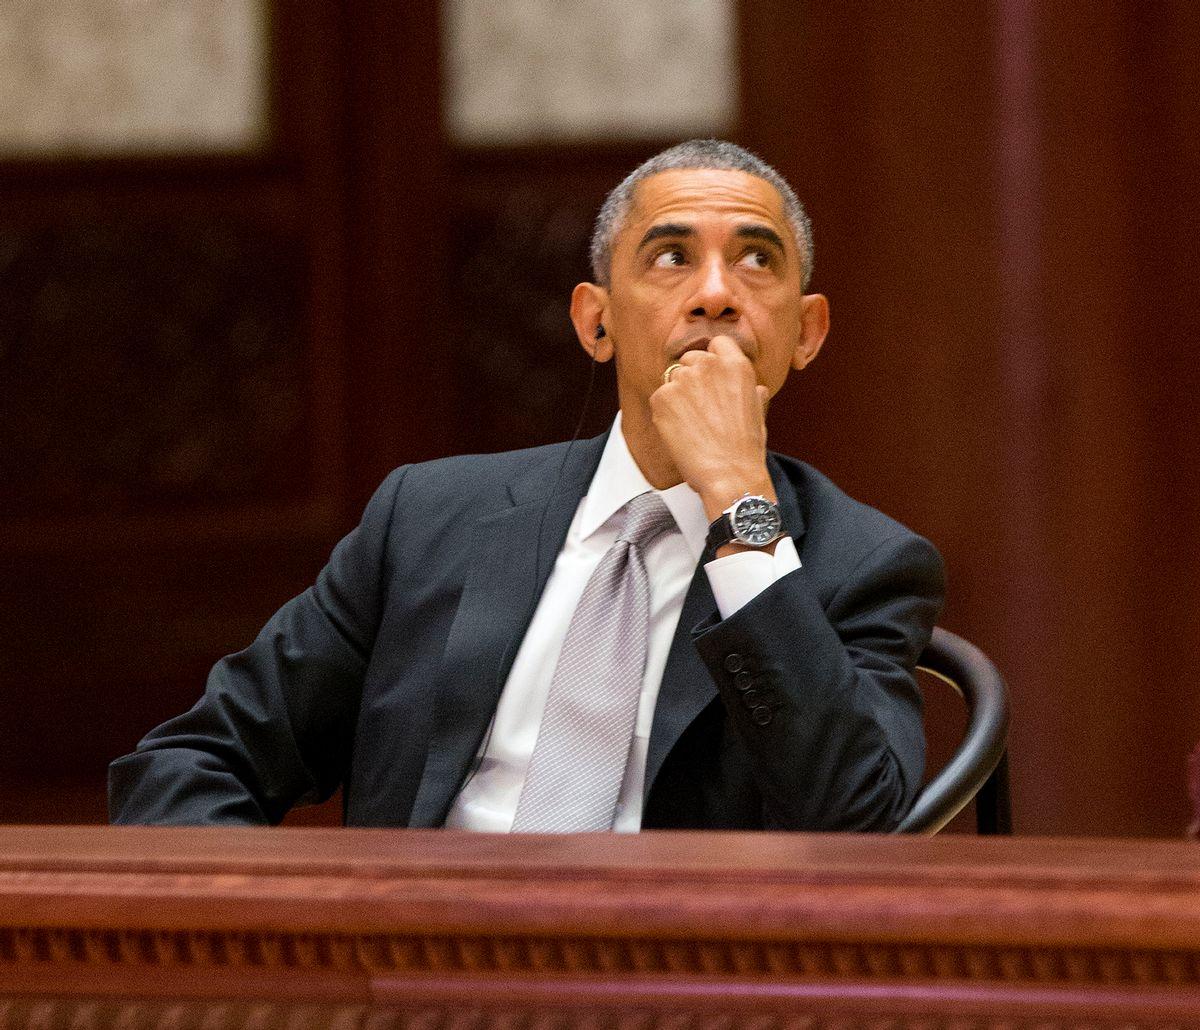 US President Barack Obama (AP Photo/Pablo Martinez Monsivais, Pool)   (Pablo Martinez Monsivais)